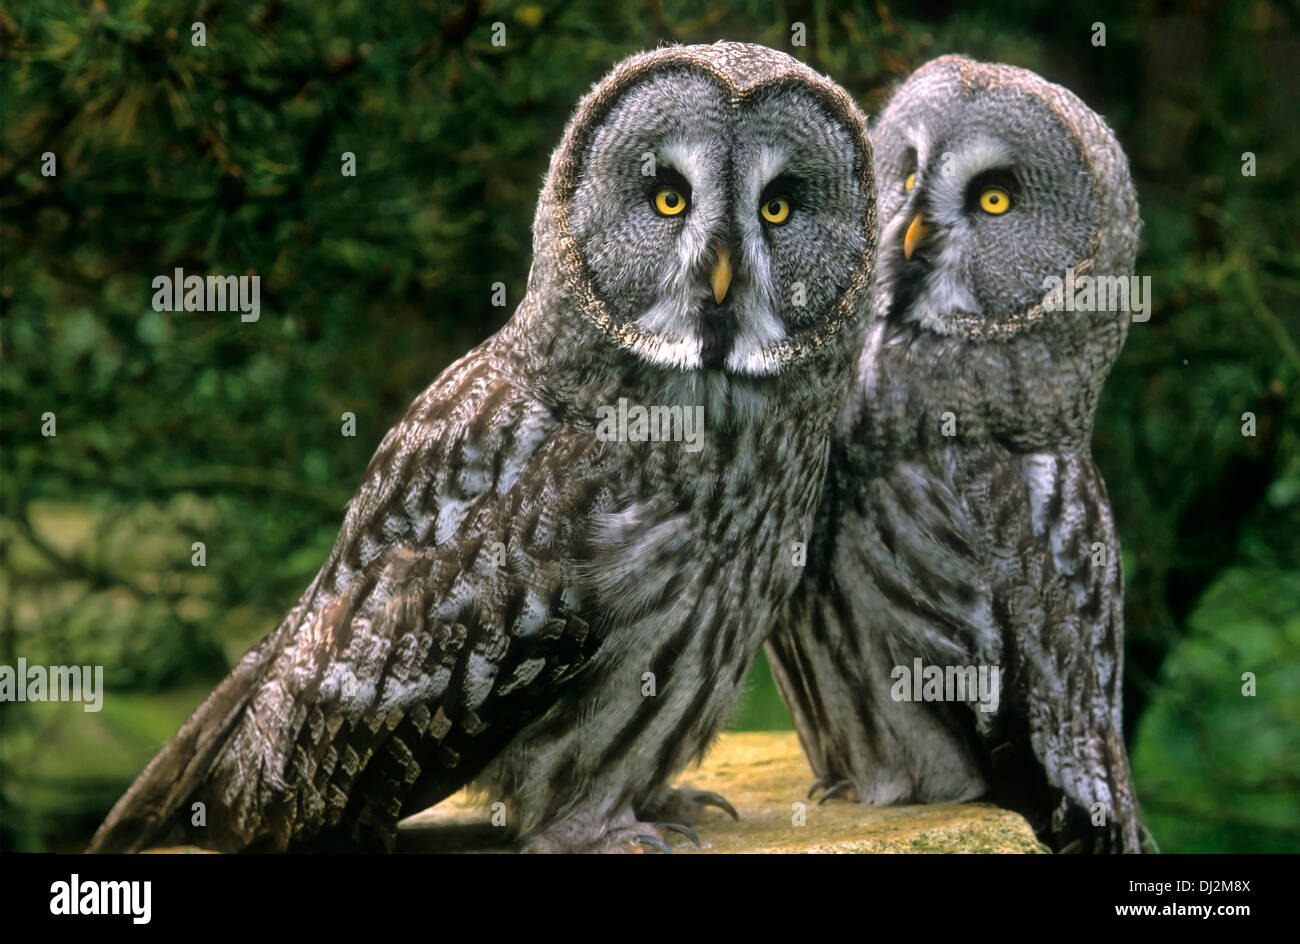 Bartkauz (Strix nebulosa), Great Grey Owl or Great Gray Owl (Strix nebulosa), Paar - Stock Image